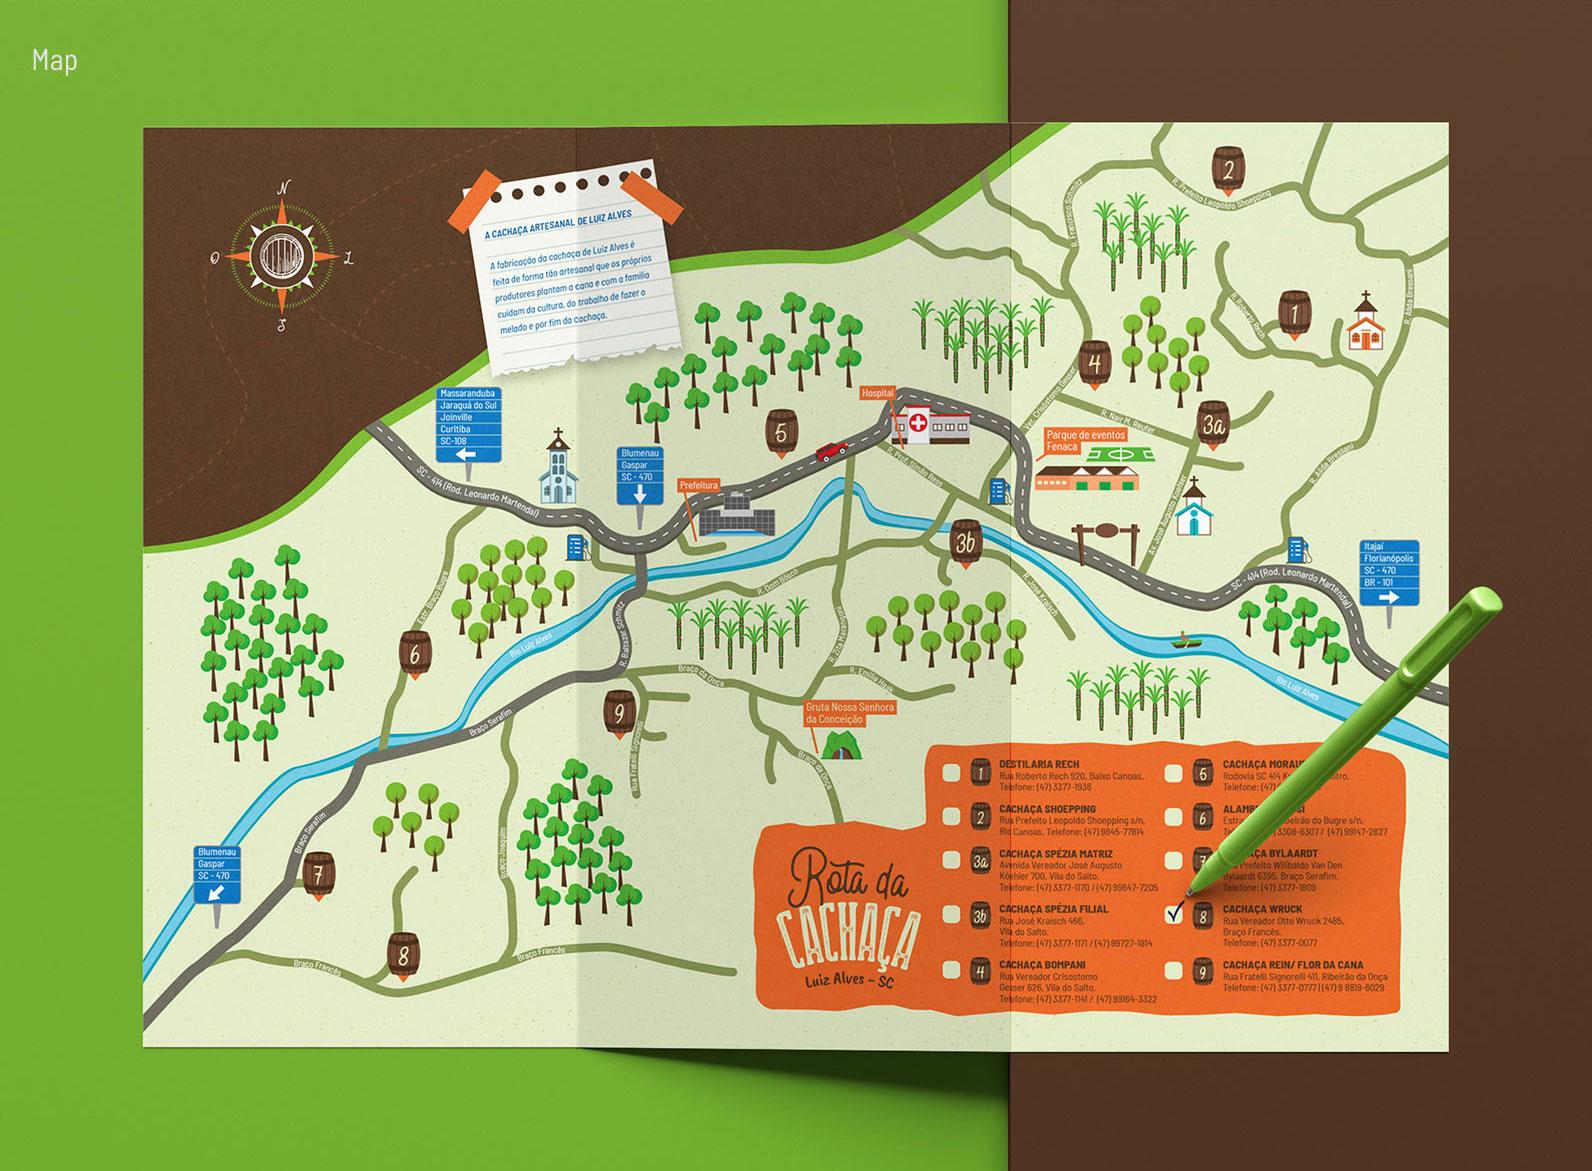 Ilustração de Mapa para Rota da Cachaça